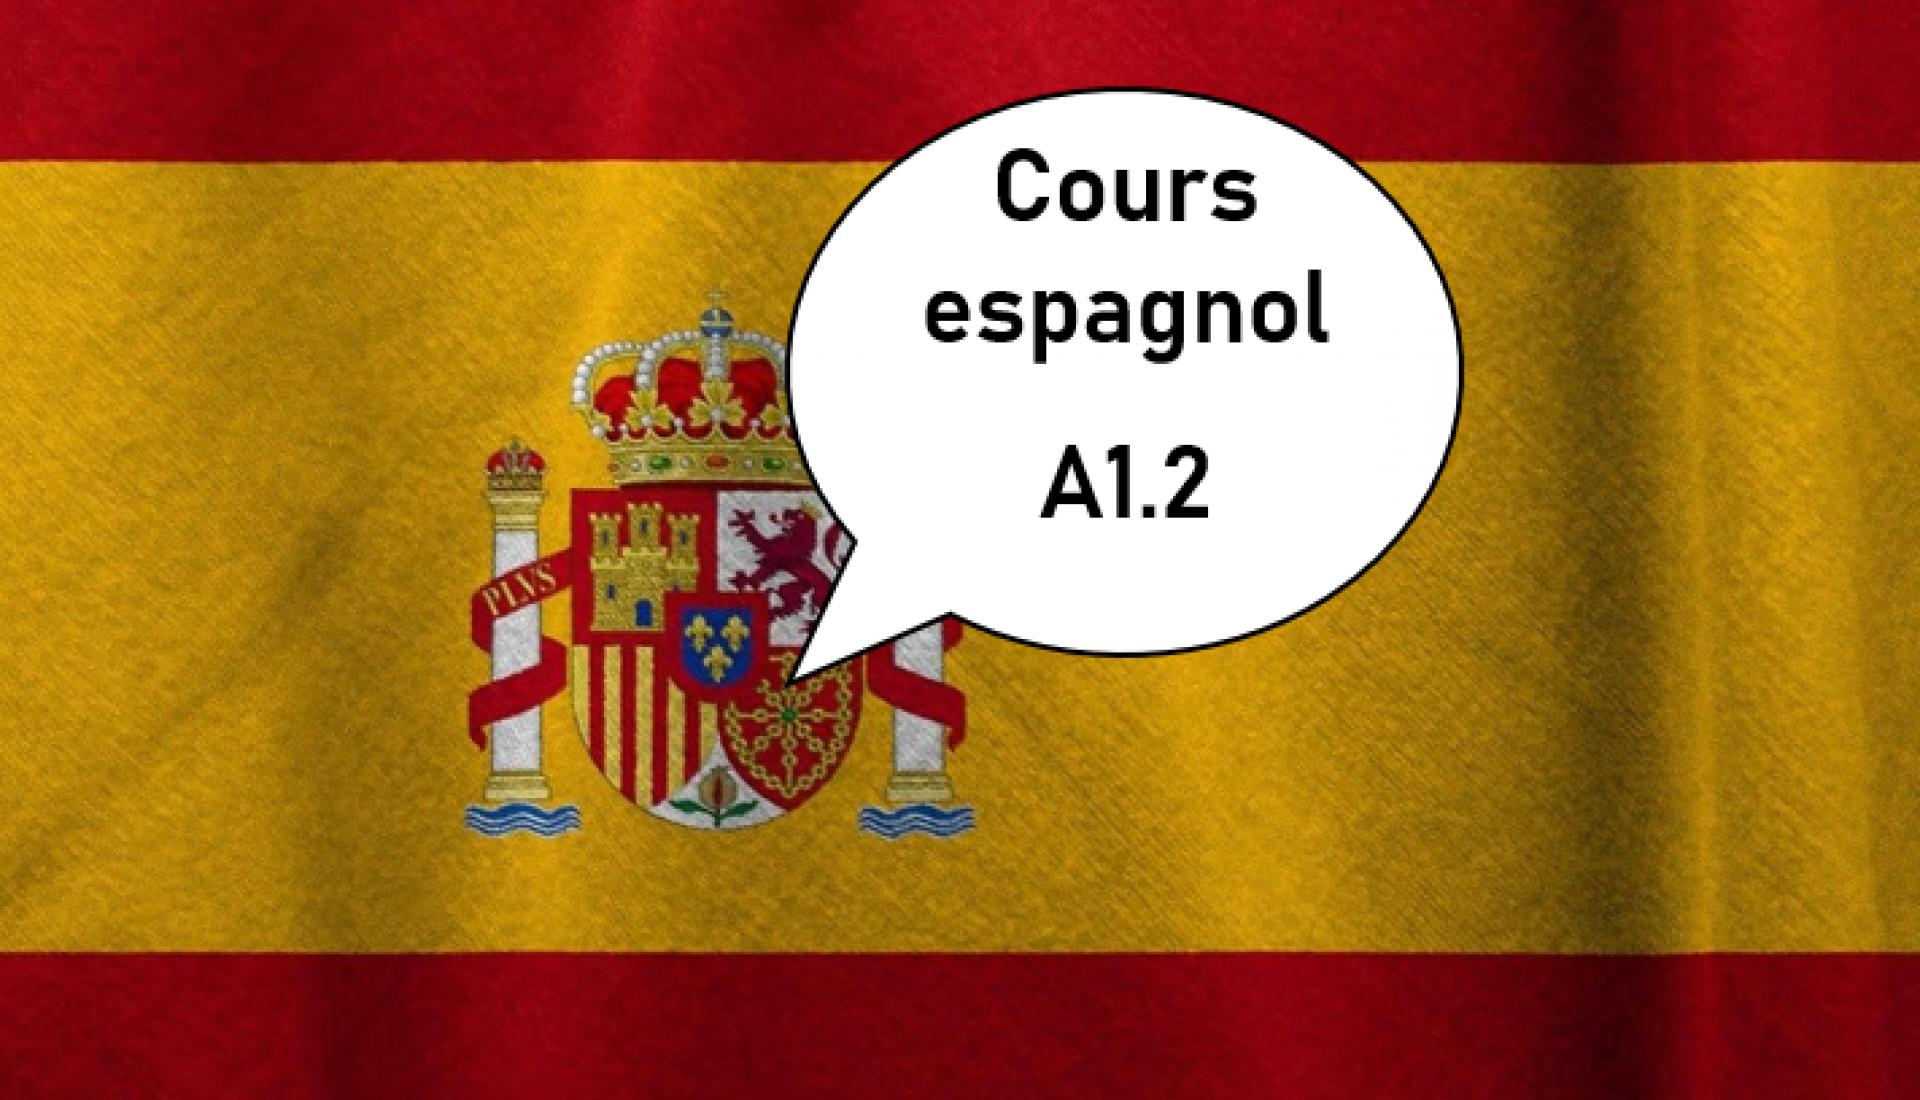 Espagnol A1.2